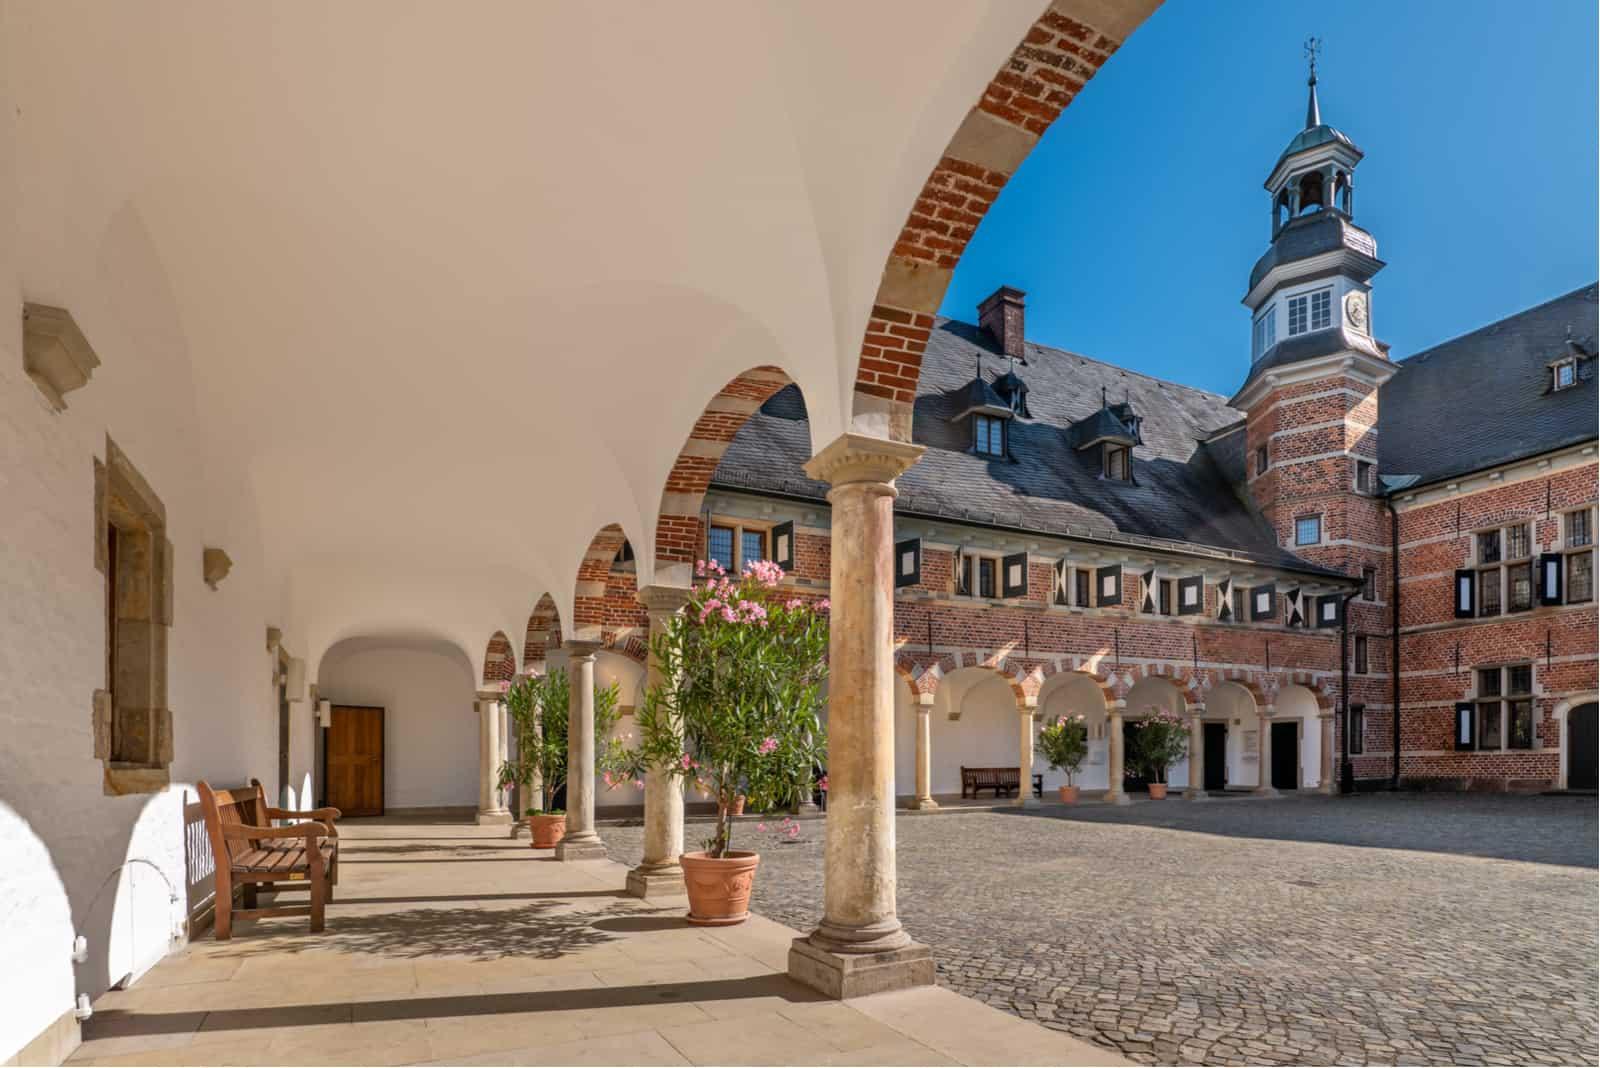 The Reinbek Schloss